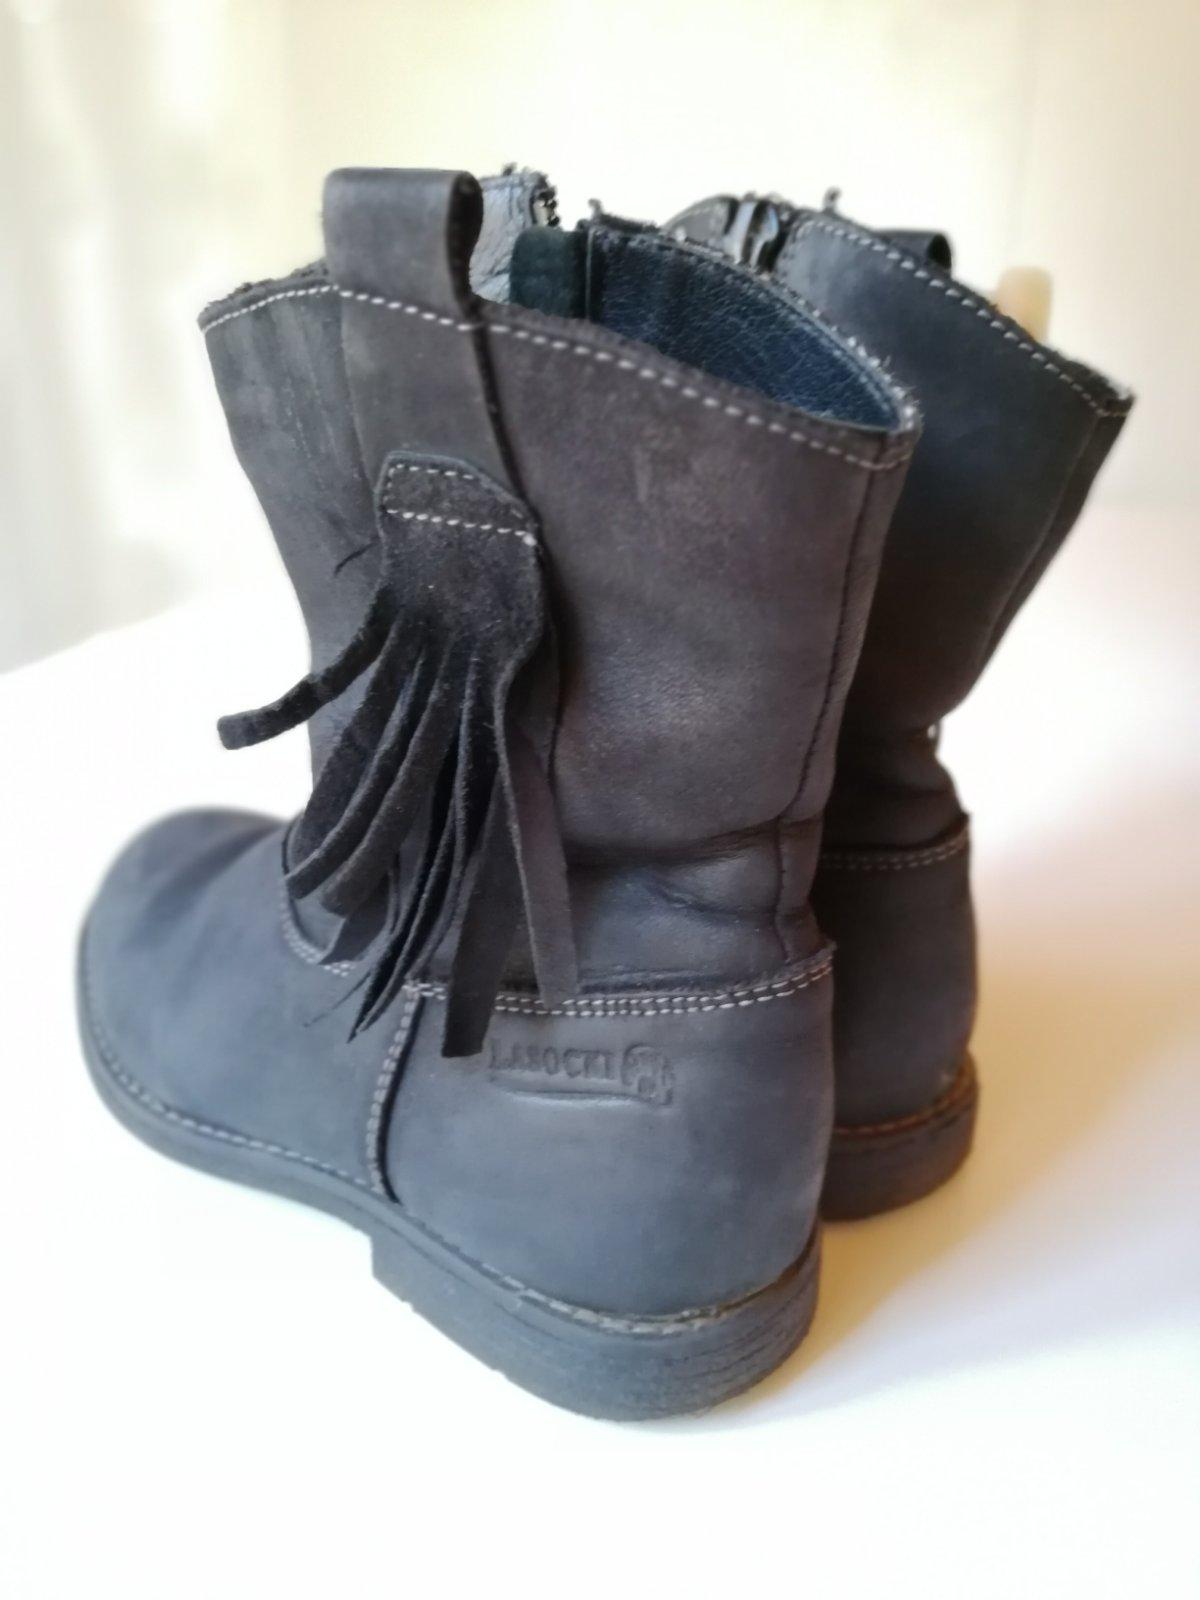 Čierne kožené čižmy lasocki číslo 31 5bff6c00007